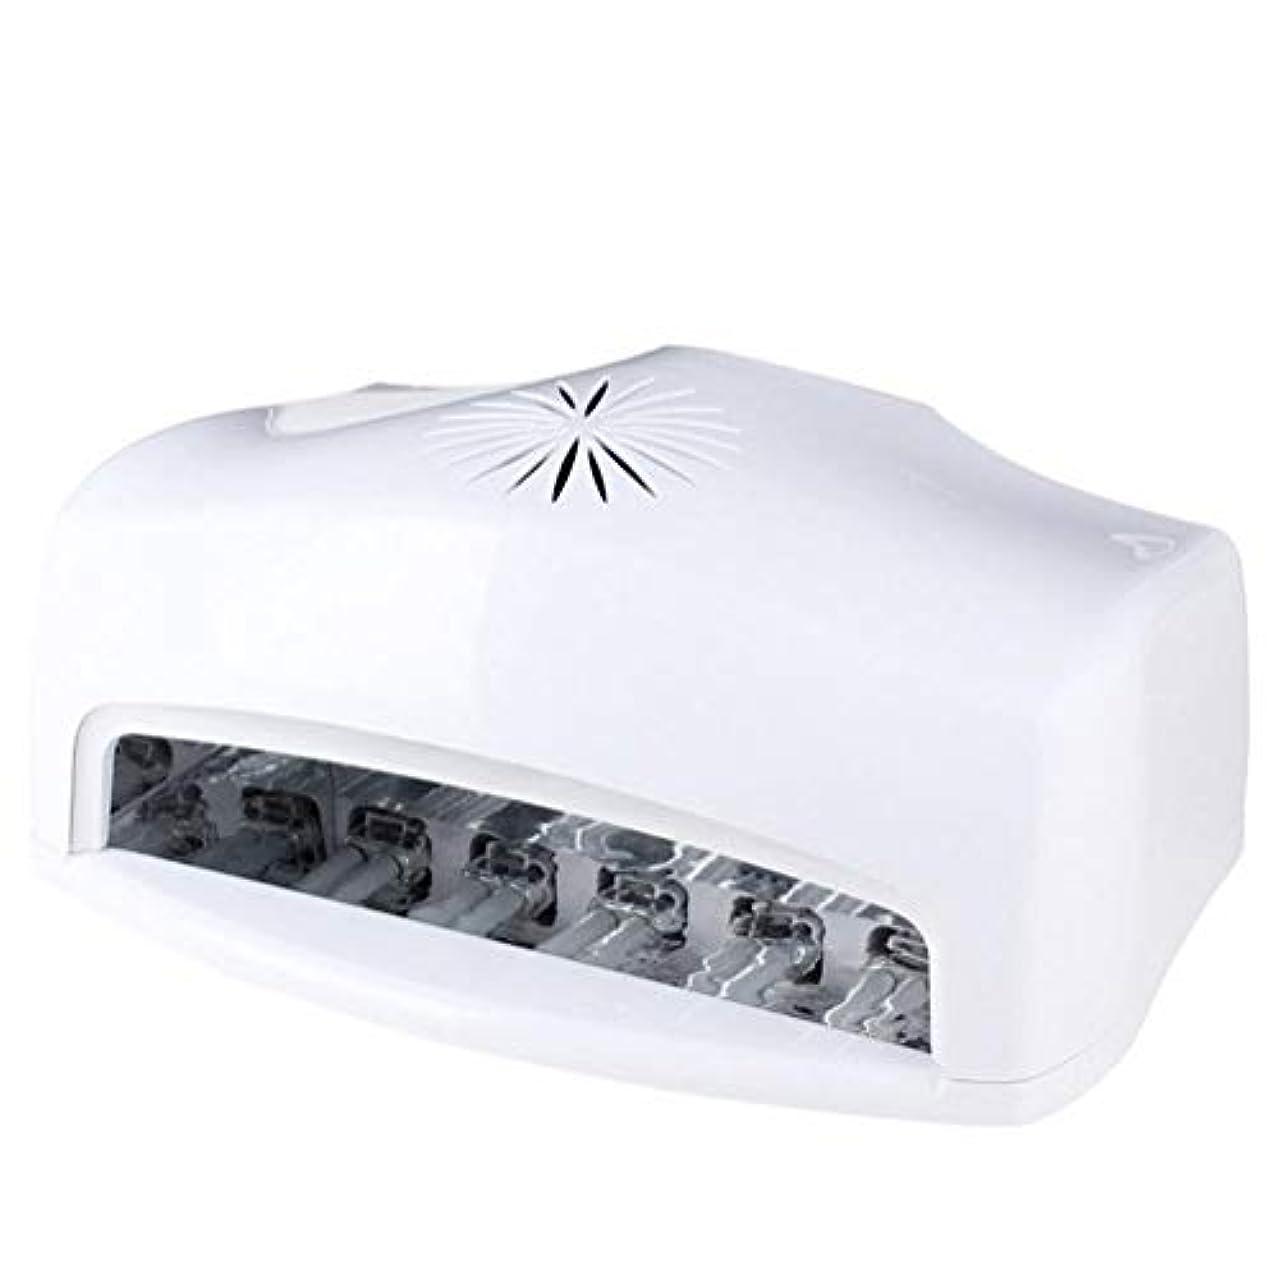 まだ相続人デザート54W LED UVネイルランプネイルドライヤーライトマシン両手で硬化ジェルネイルポリッシュネイルアートマニキュアツール90秒/120秒/180秒/240秒/300秒タイマー設定、ファン